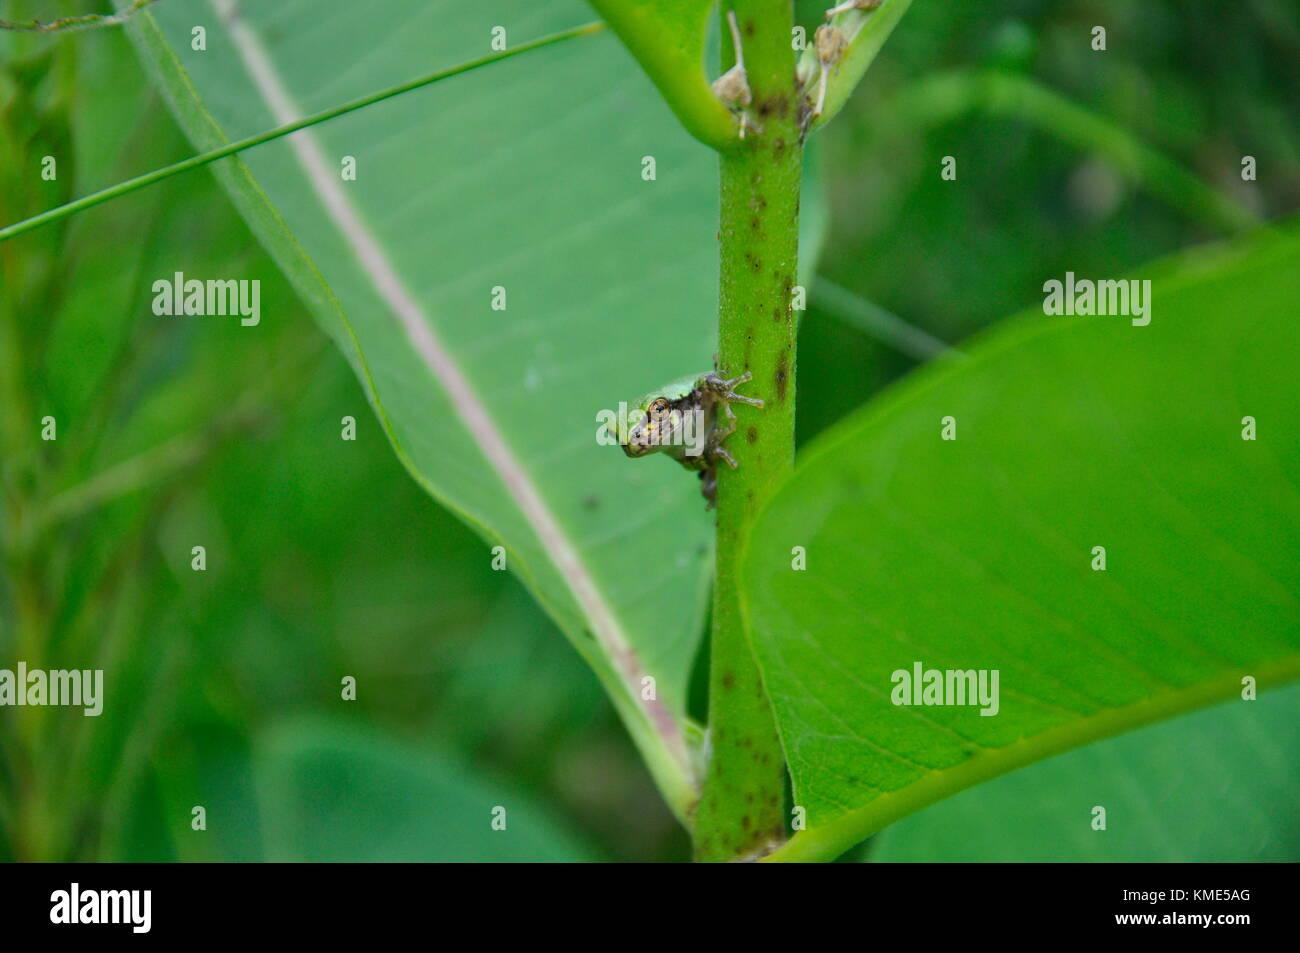 Eastern Gray Tree Frog sitting on Milkweed - Stock Image